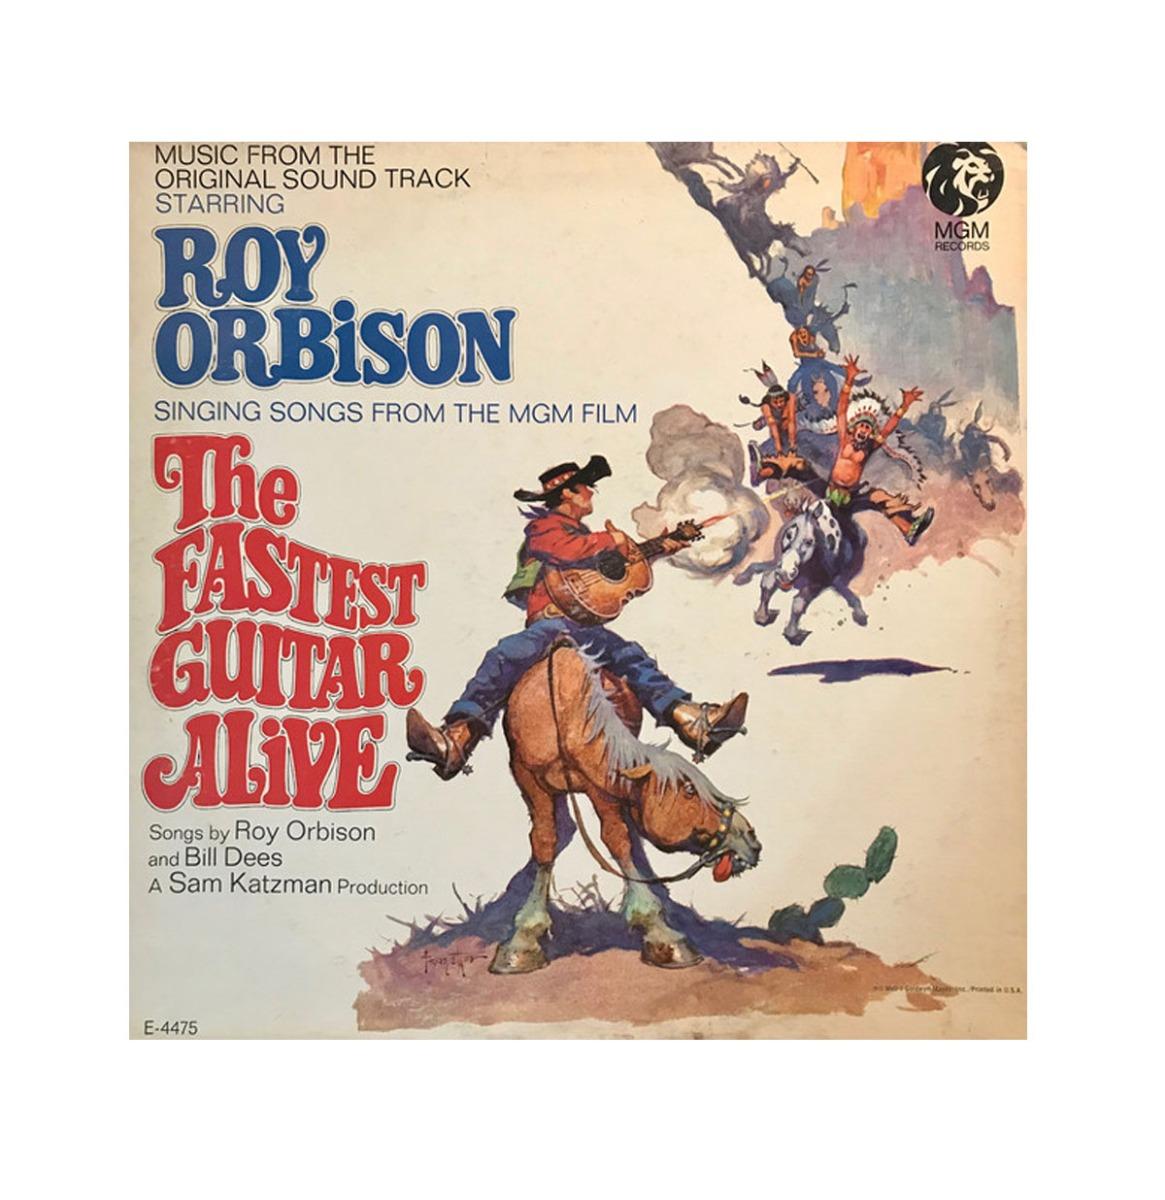 Roy Orbison - The Fastest Guitar Alive LP